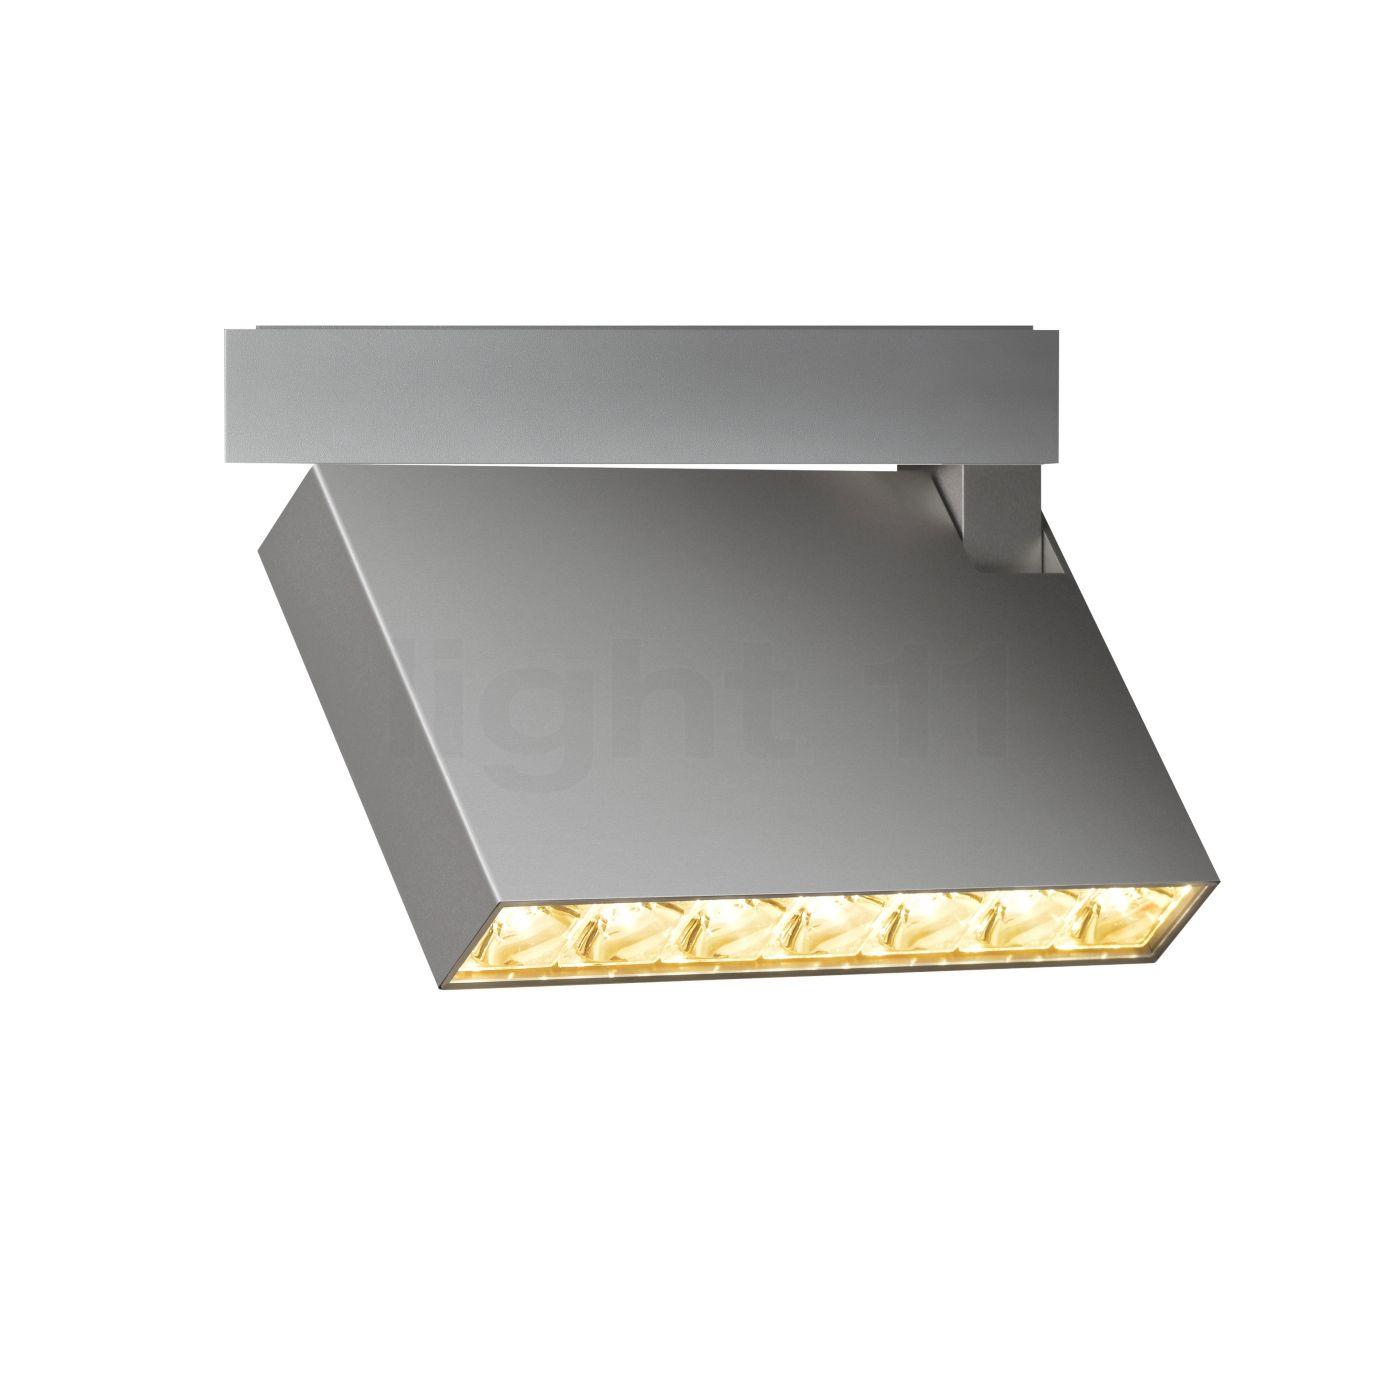 Mawa Flatbox Aufbaustrahler LED kaufen bei light11.de